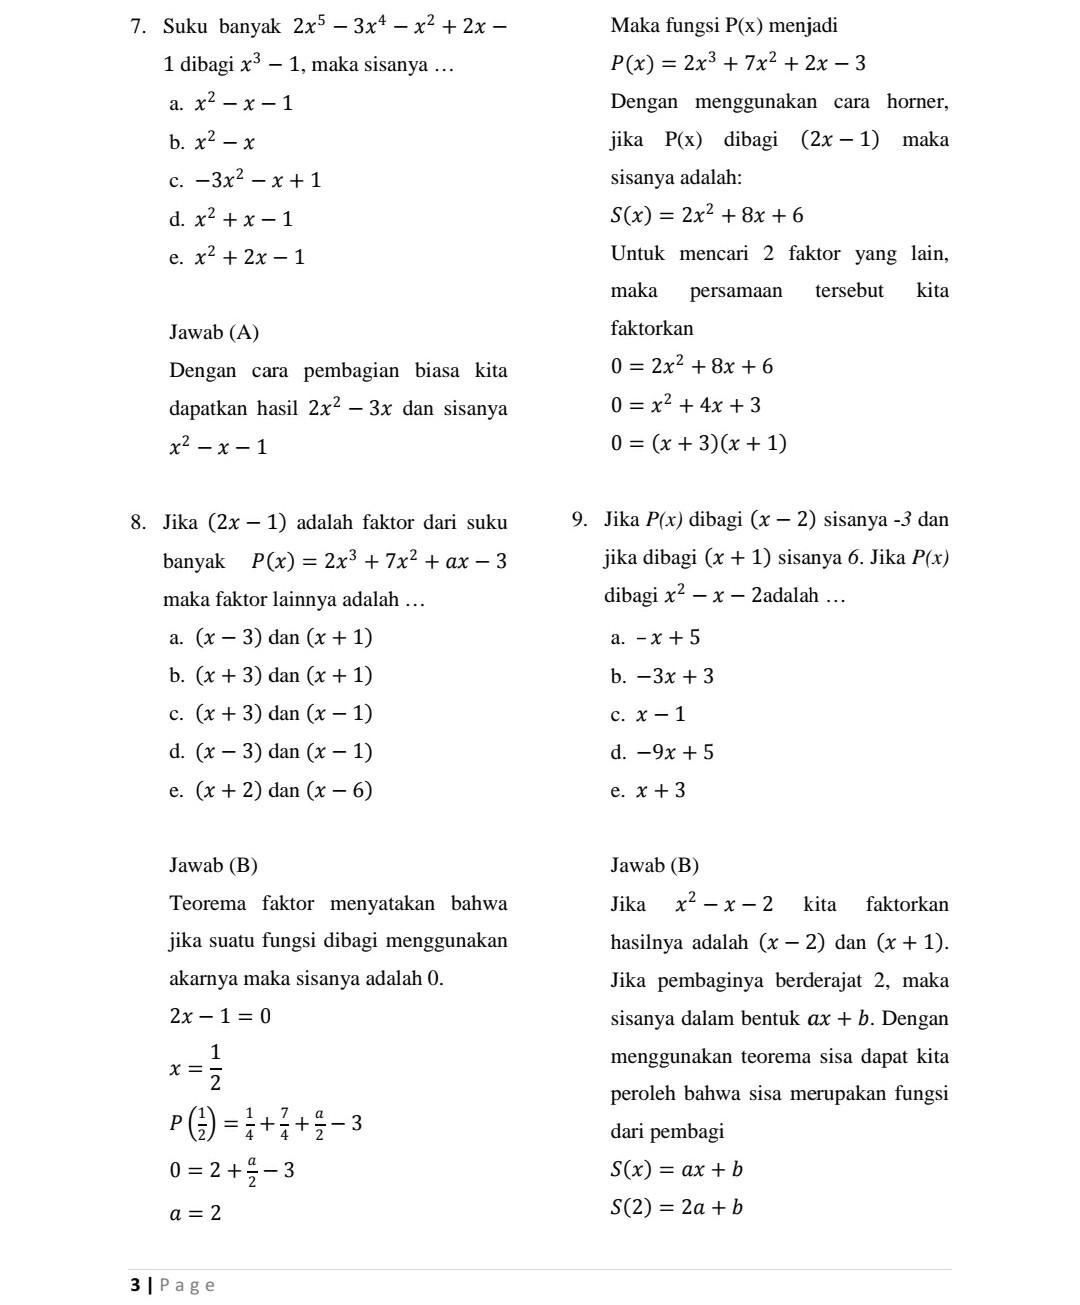 Soal Matematika Kelas 11 Semester 2 Dan Jawabannya : matematika, kelas, semester, jawabannya, Matematika, Wajib, Kelas, Semester, Pembahasannya, Kunci, Dunia